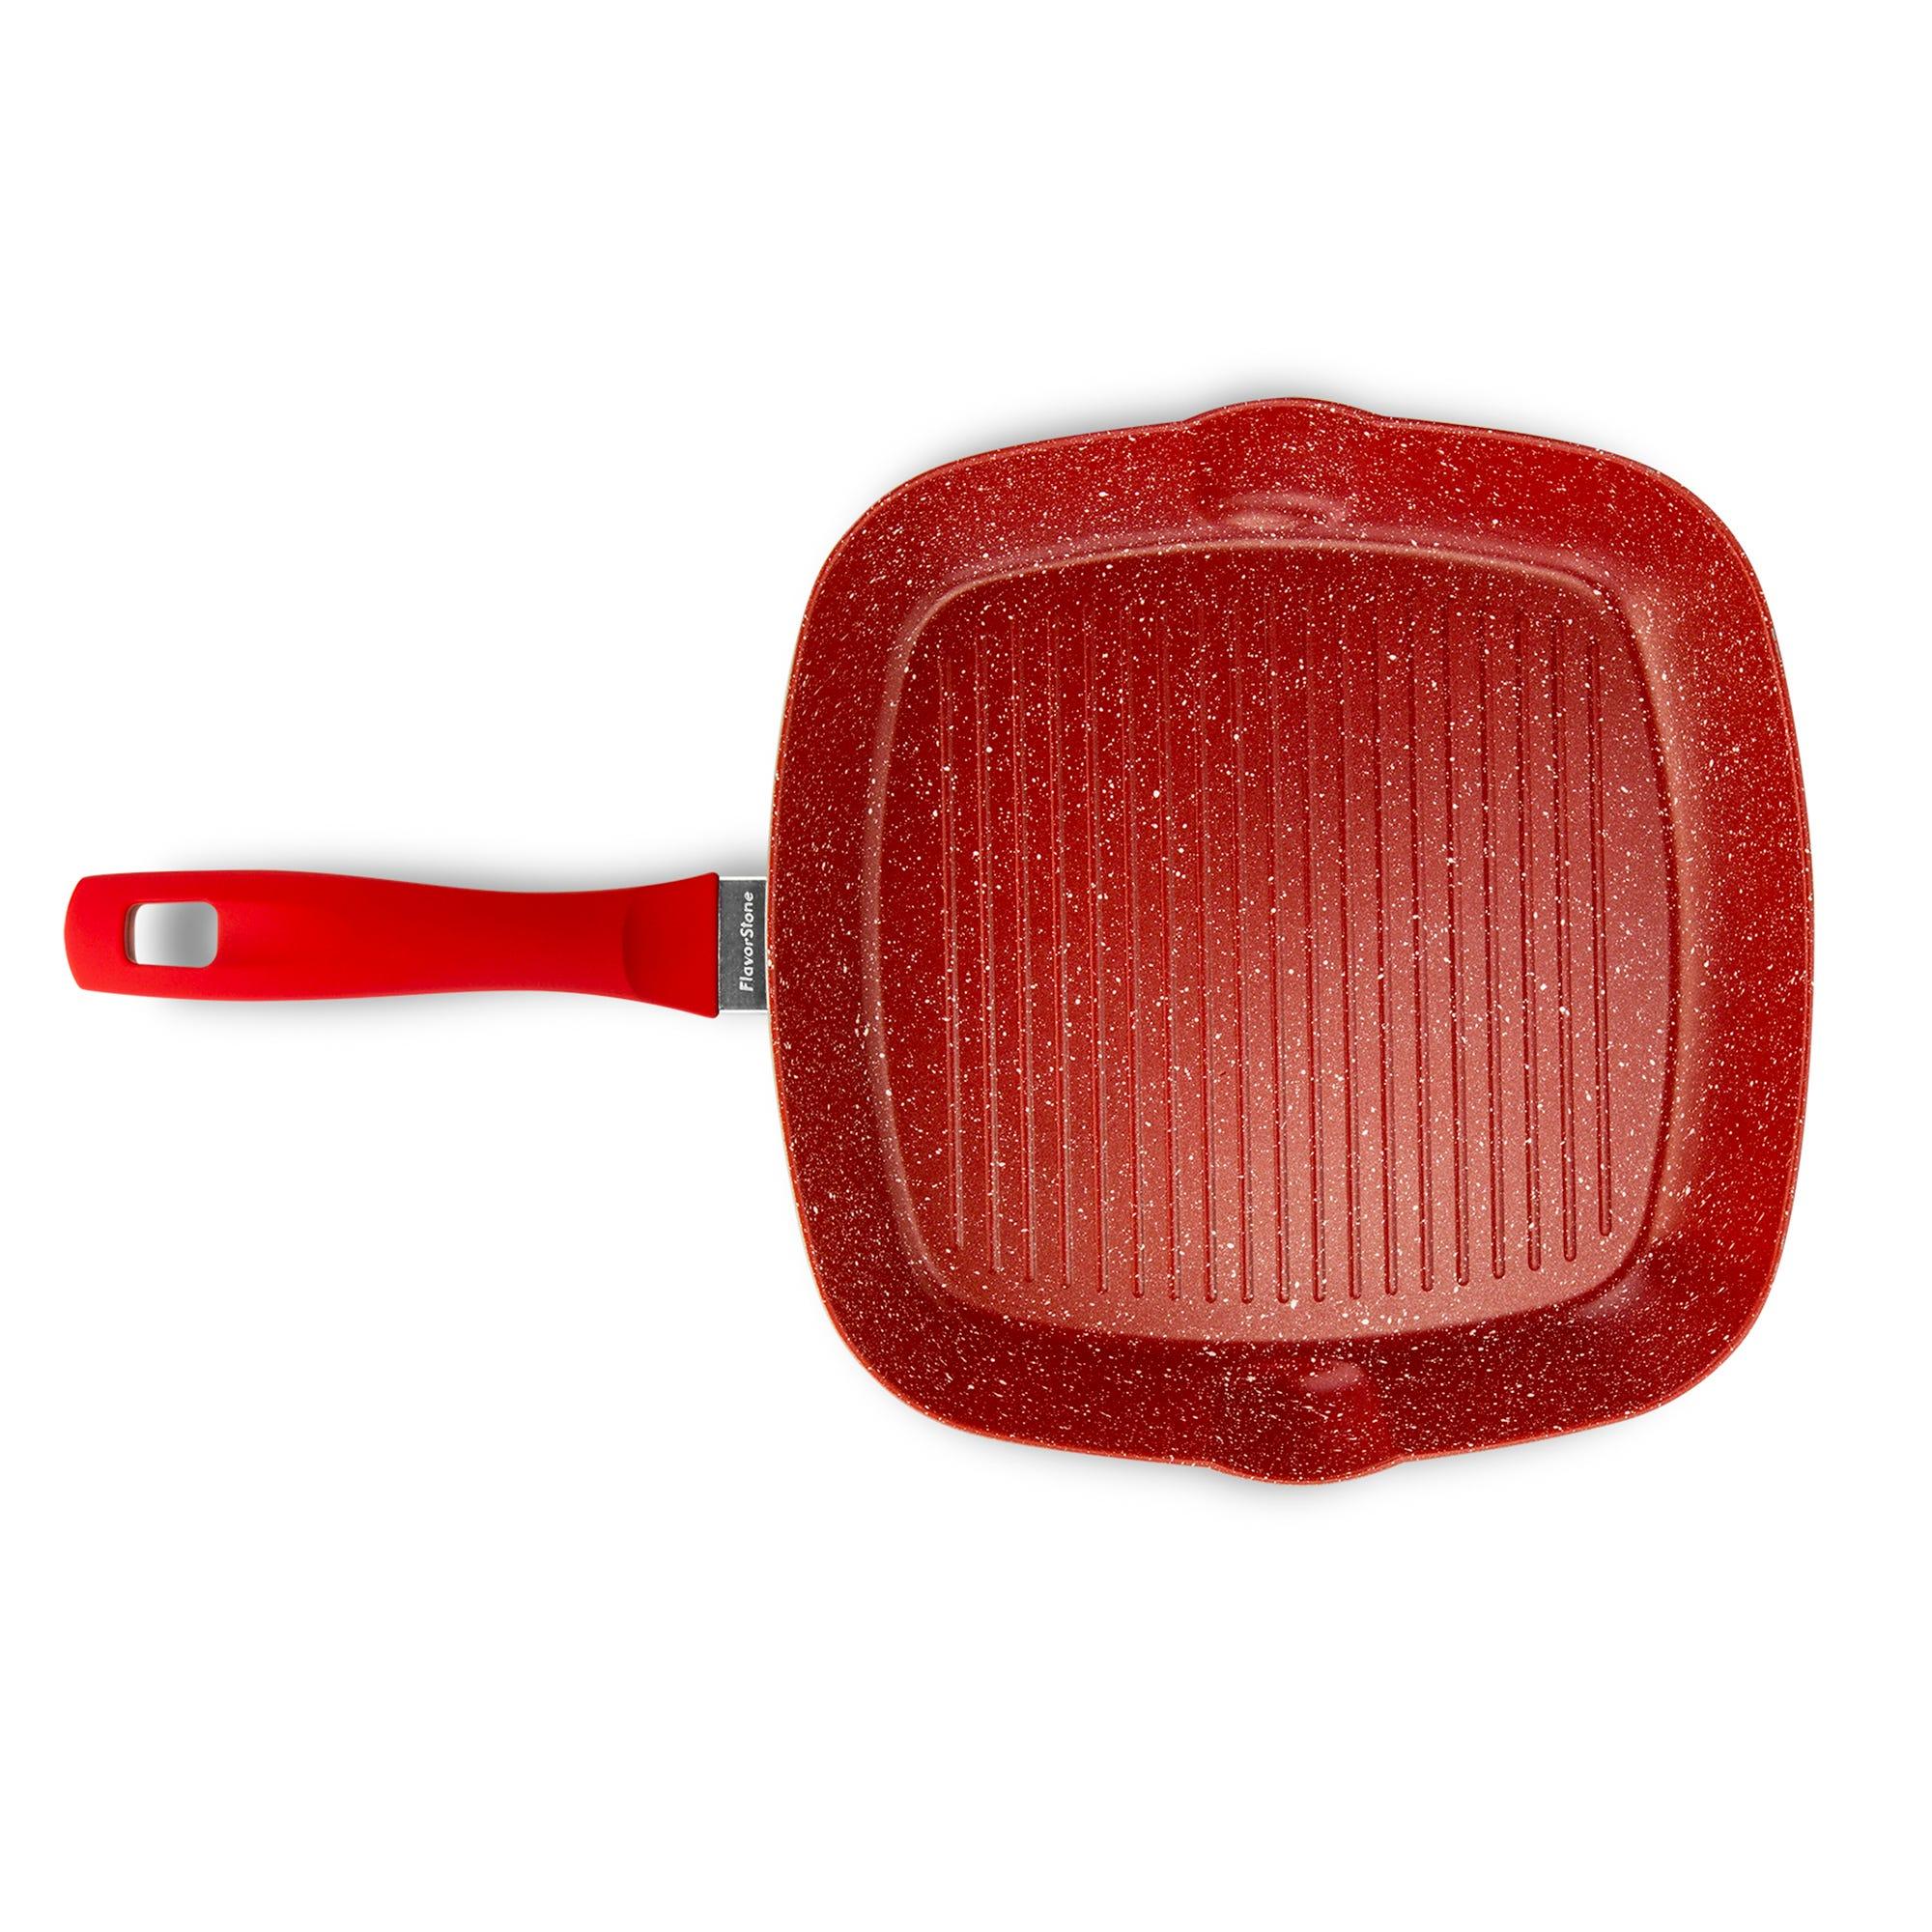 Sartén grill Smarten Flavor Stone de 28 cm en rojo